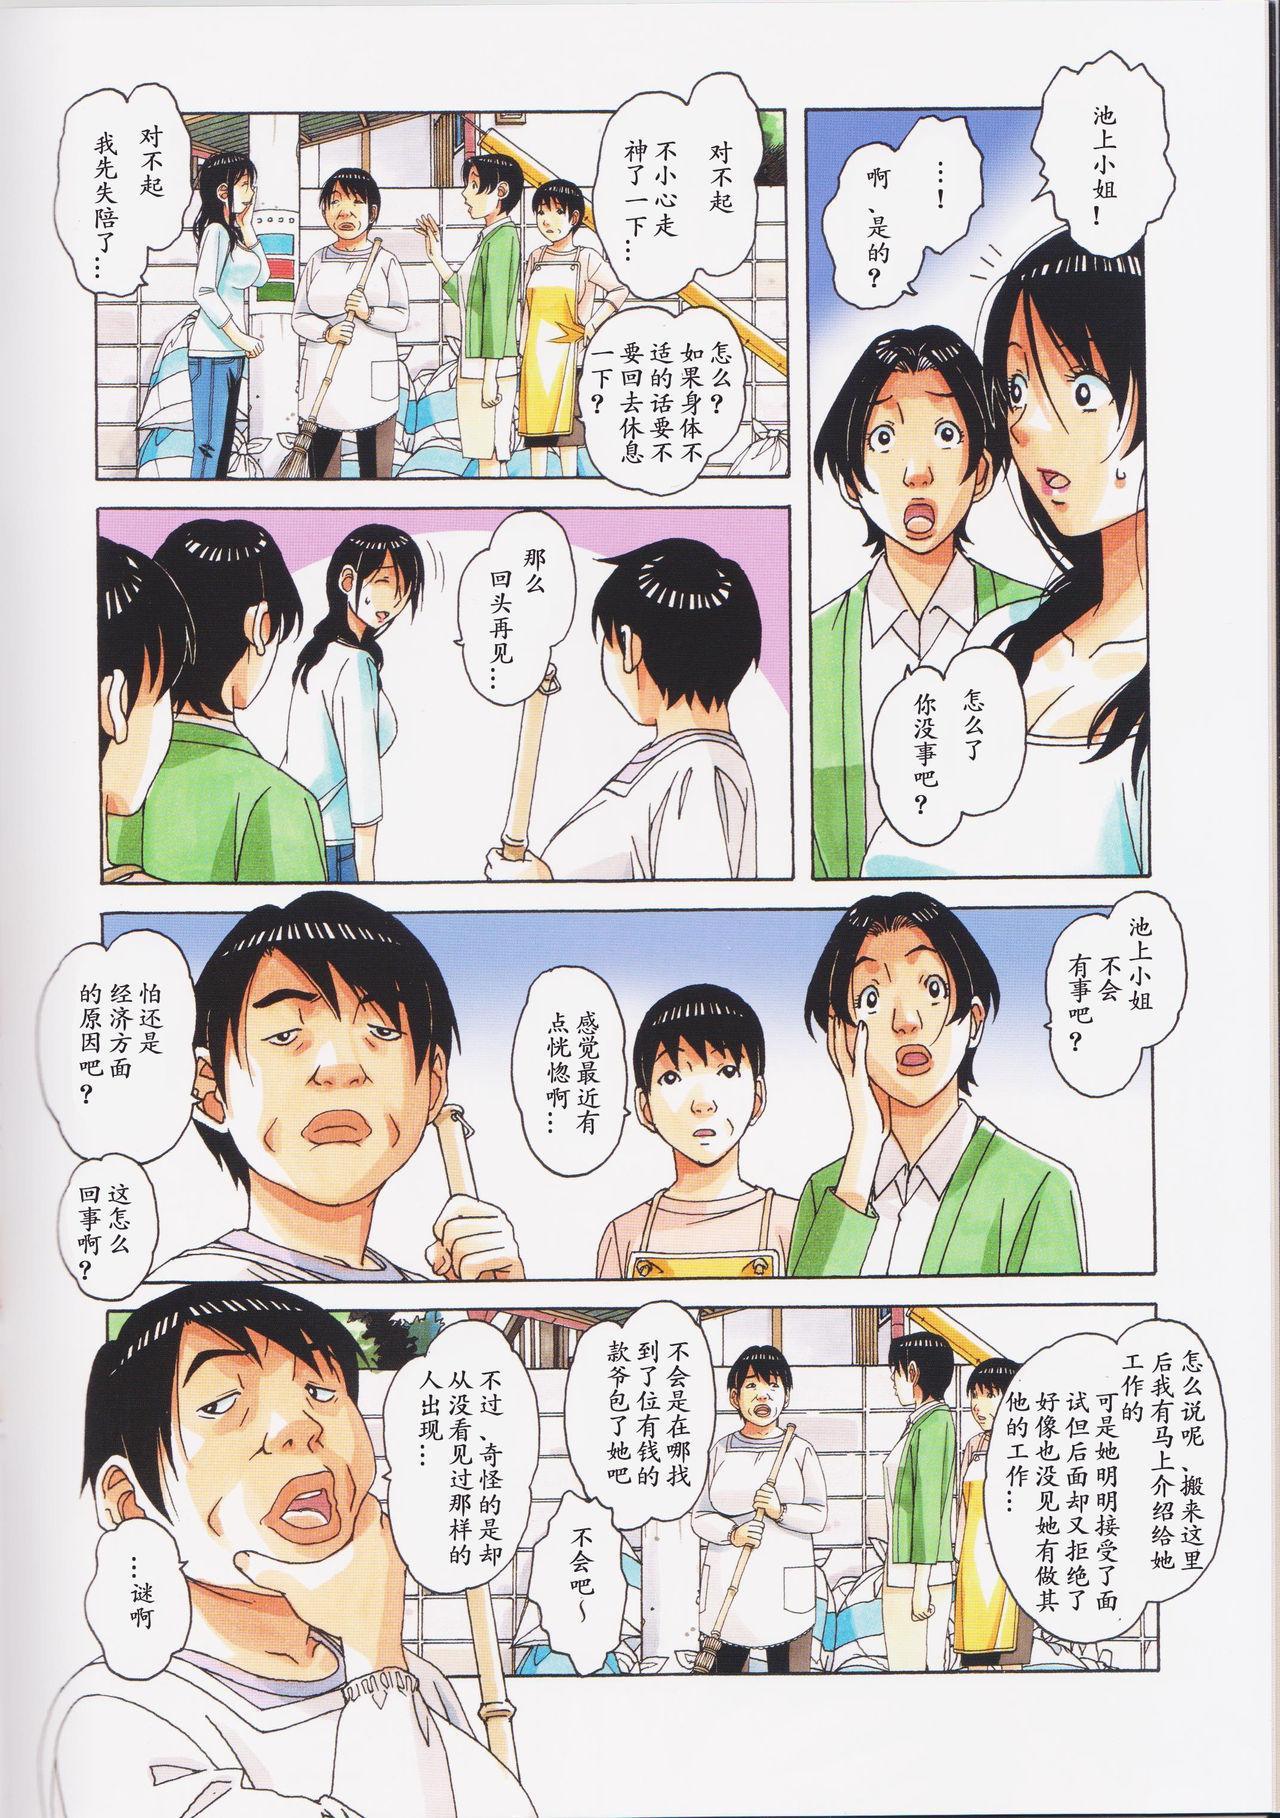 [Otonano Gu-wa (Yamada Tarou (Kamei))] Oyako Yuugi - Parent and Child Game - Aida [Chinese] [ssps008个人汉化] 7